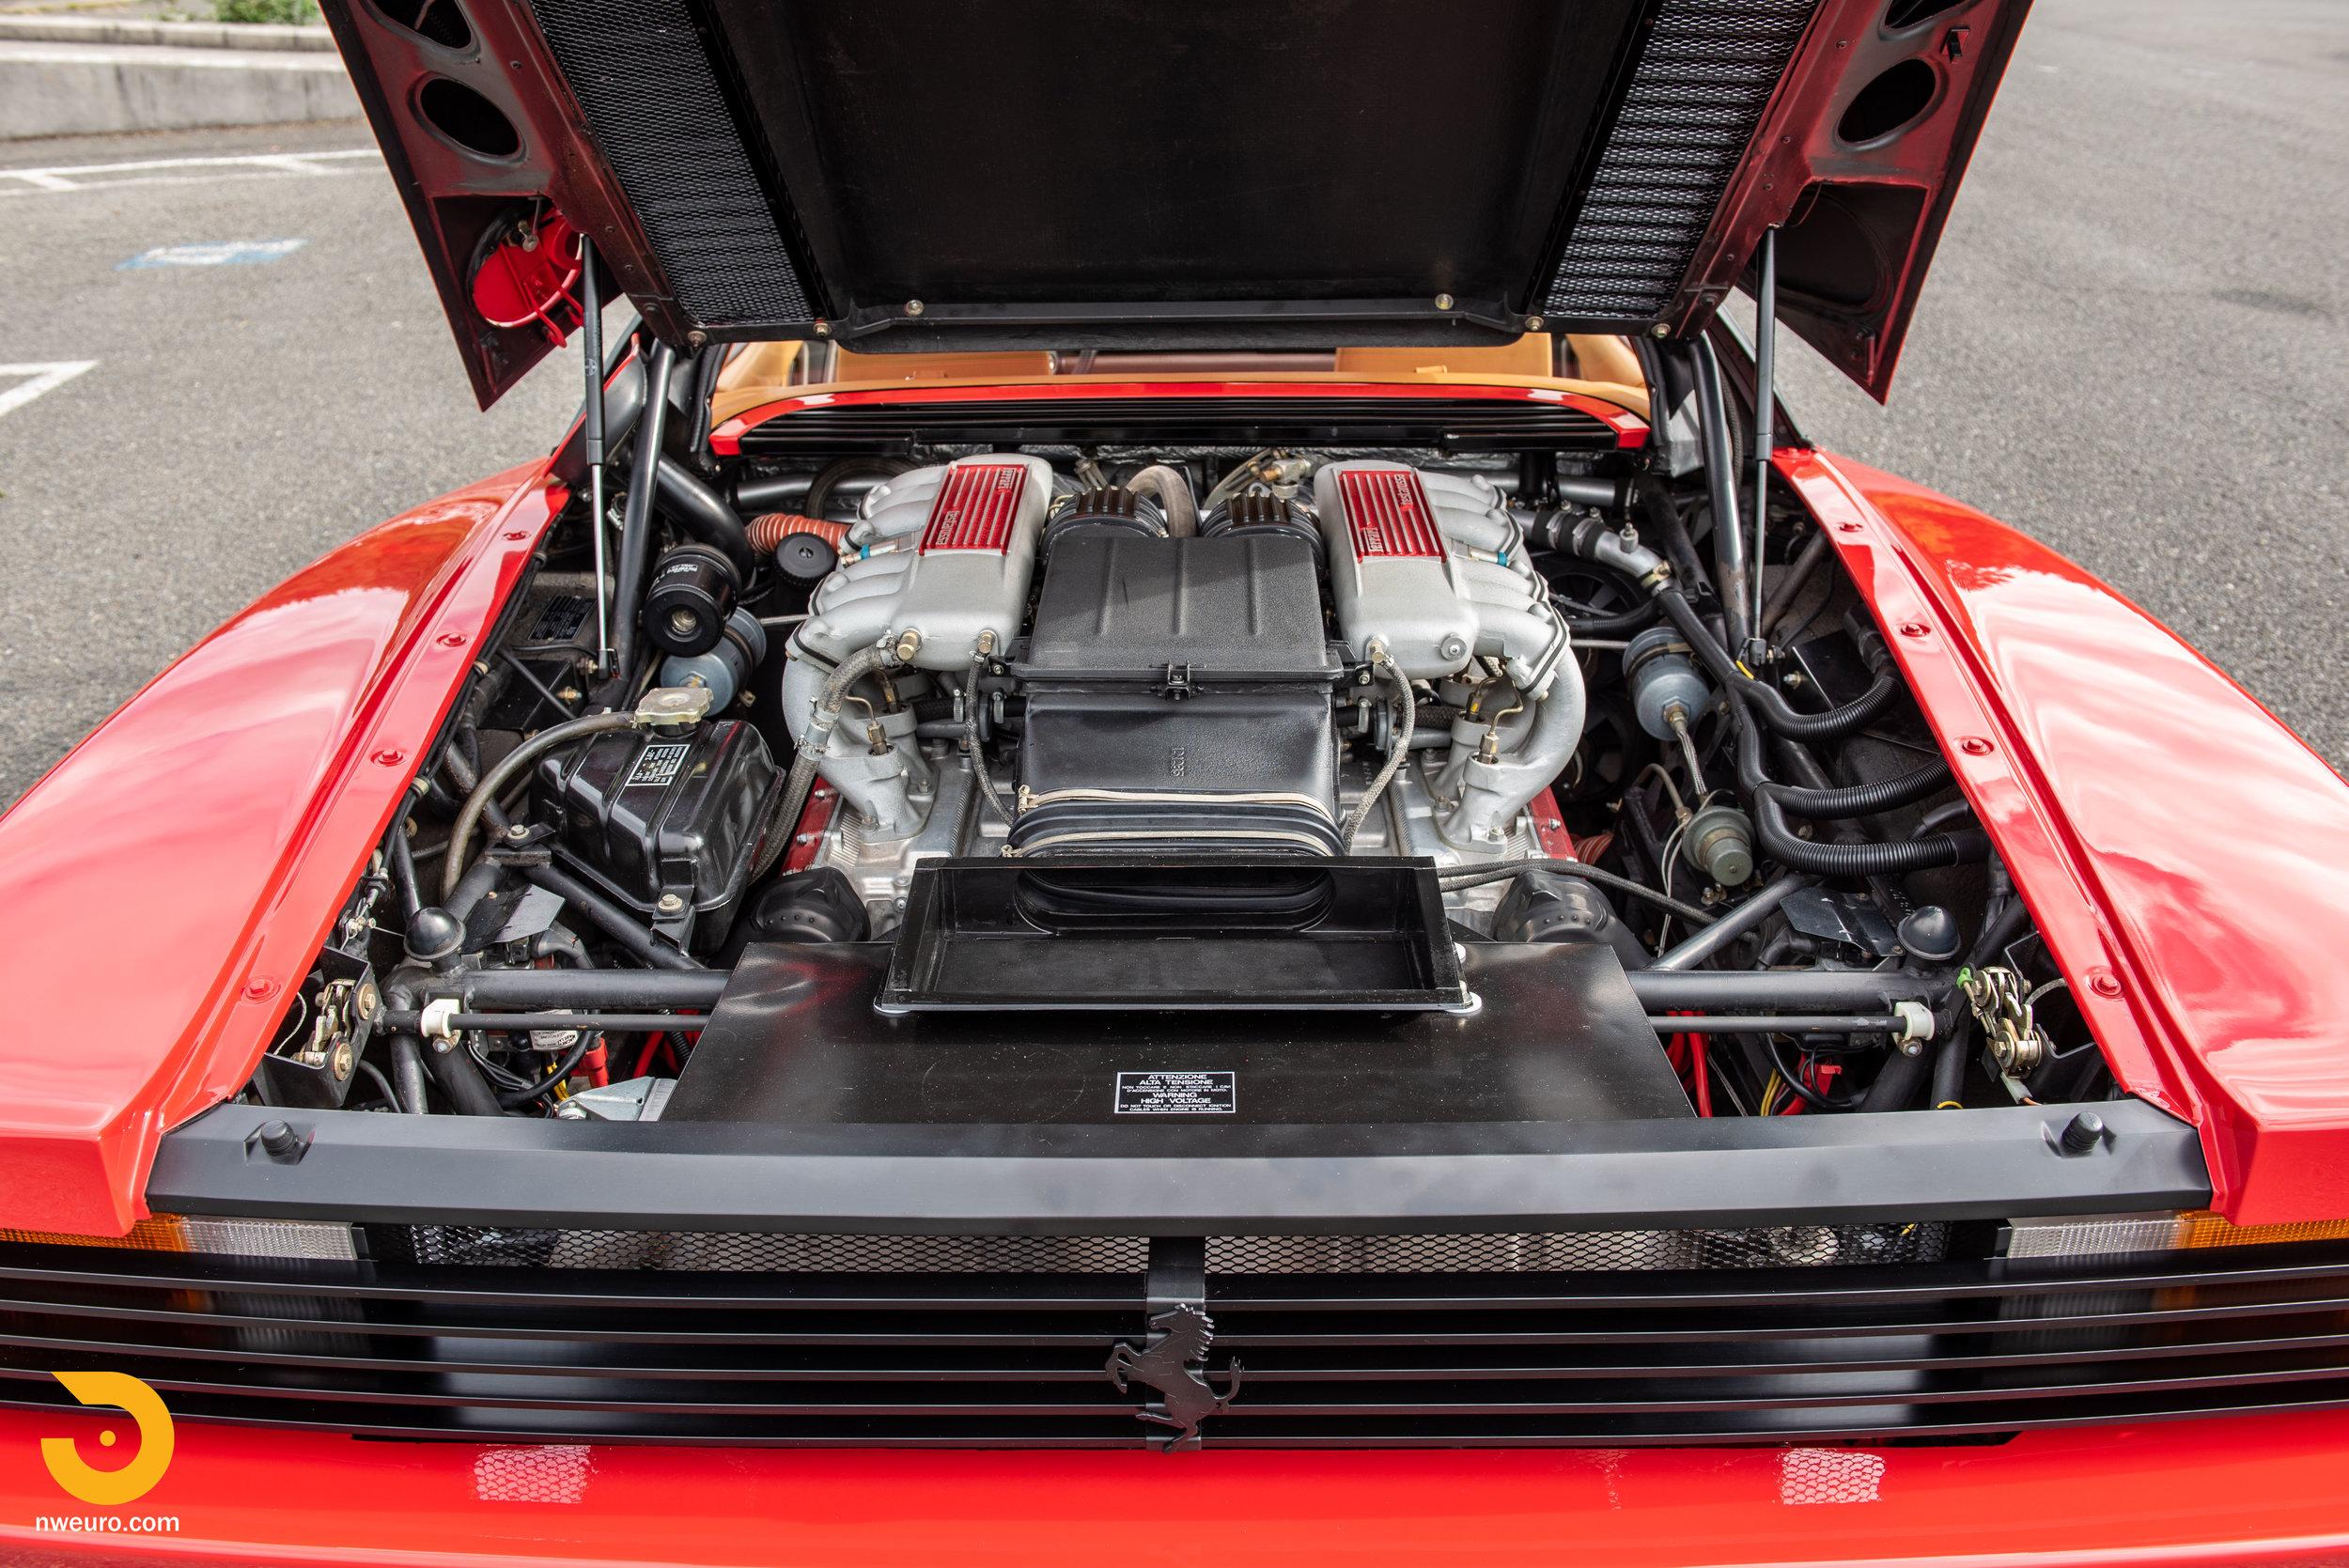 1988 Ferrari Testarossa-28.jpg